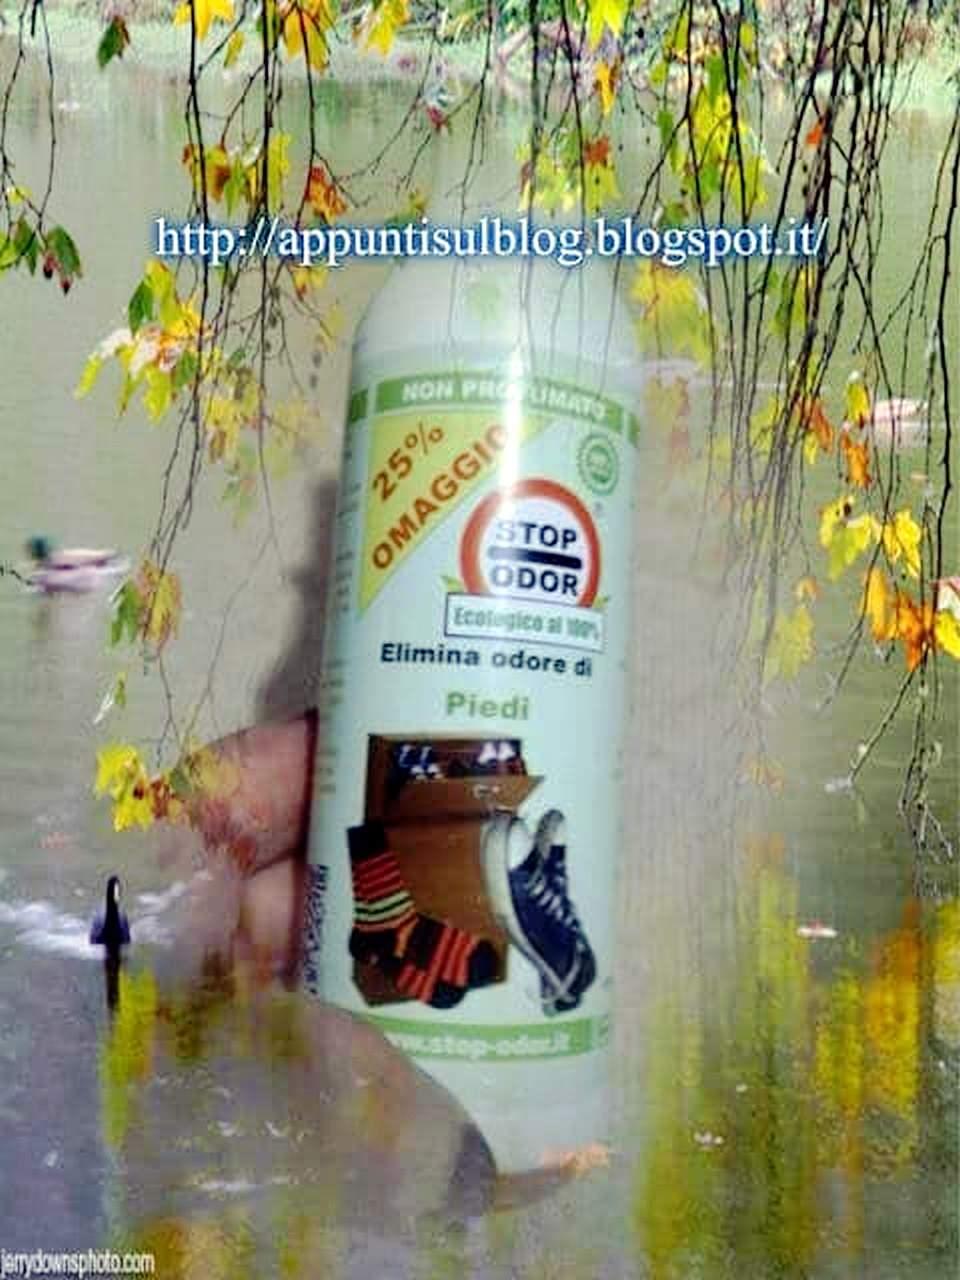 Stop-Odor, eliminiamoli in modo naturale 3 elimina odori